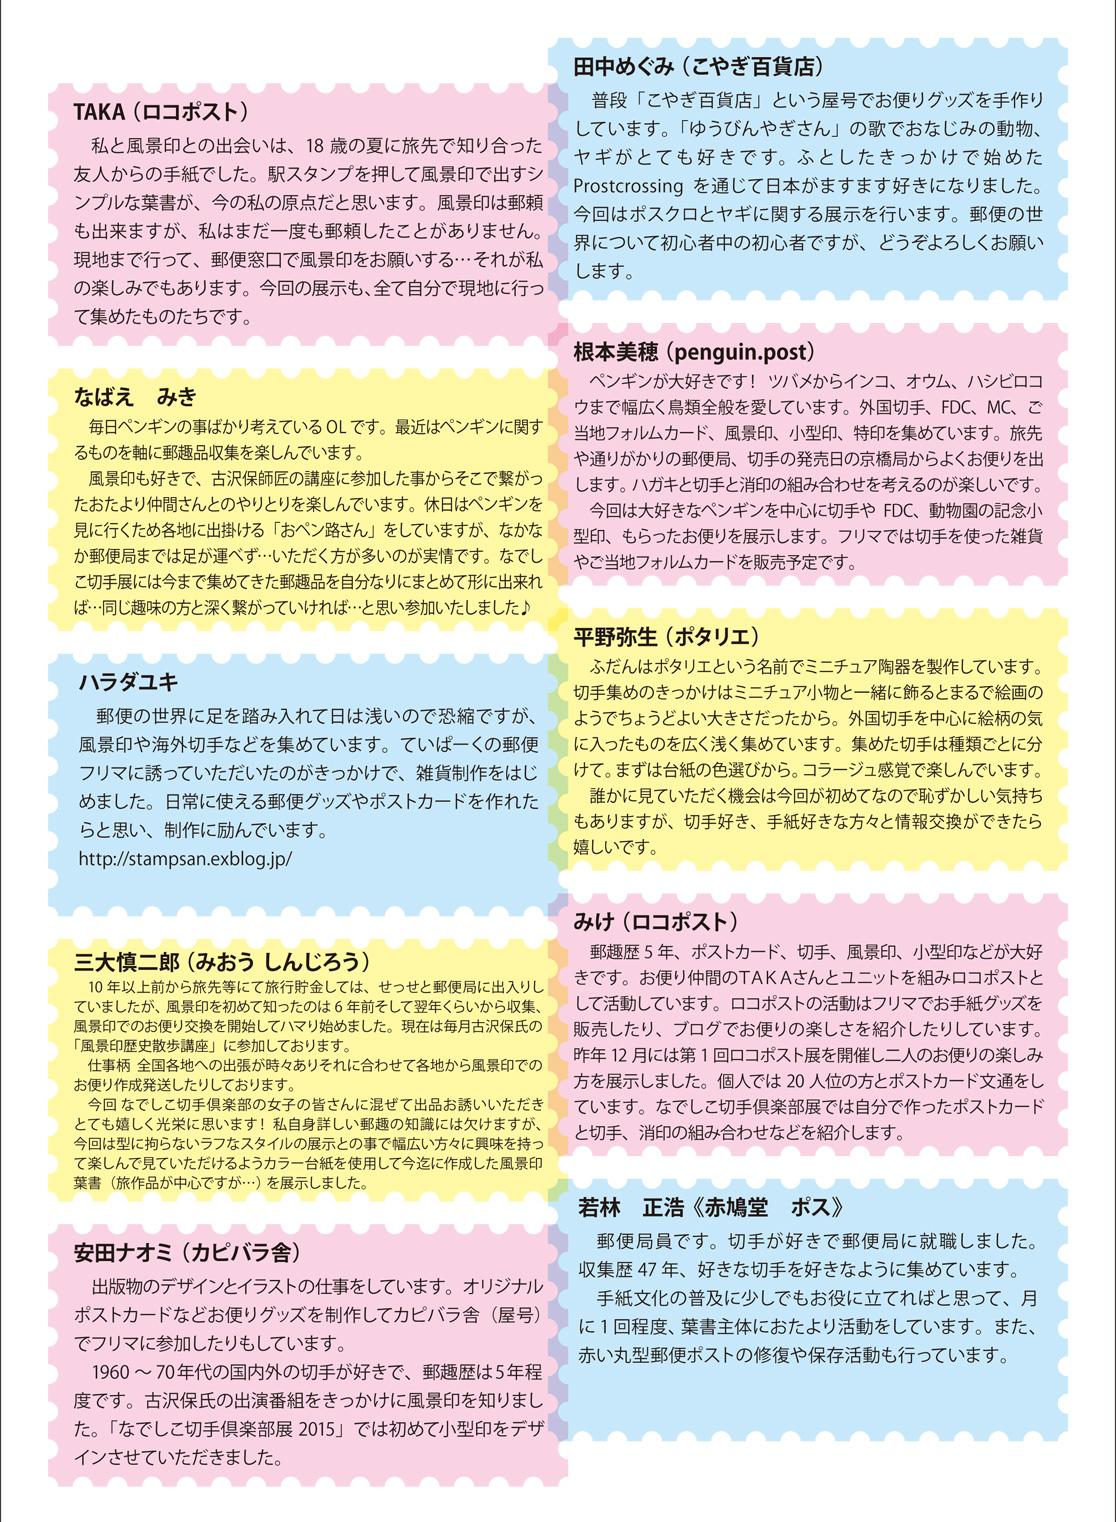 なでしこ切手倶楽部展2015 パンフレット P2